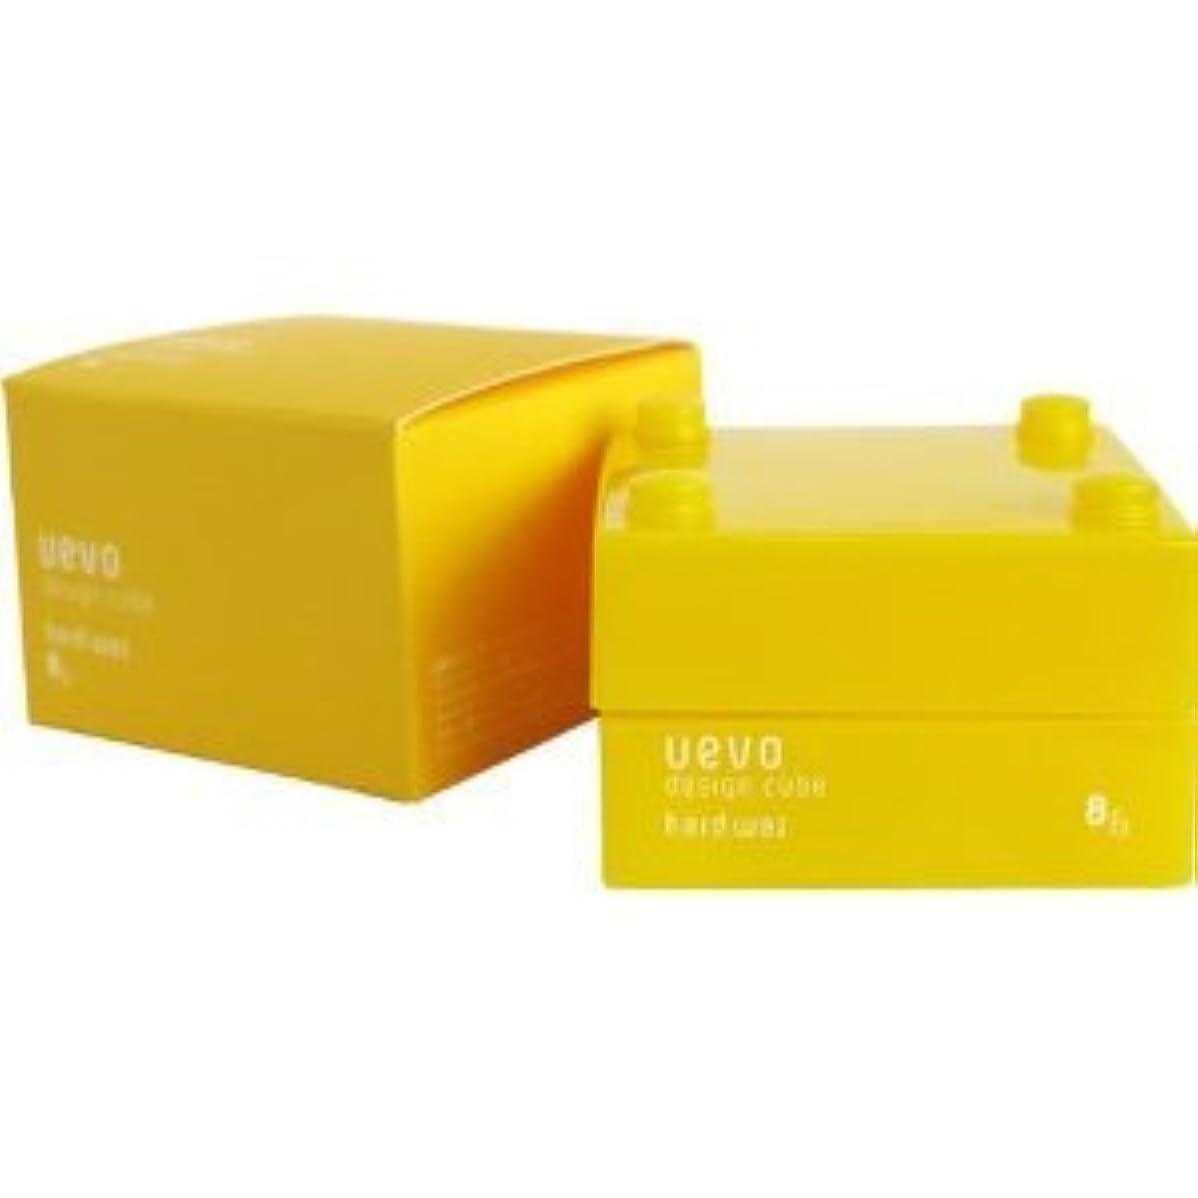 ピニオンインストラクター行き当たりばったり【X2個セット】 デミ ウェーボ デザインキューブ ハードワックス 30g hard wax DEMI uevo design cube